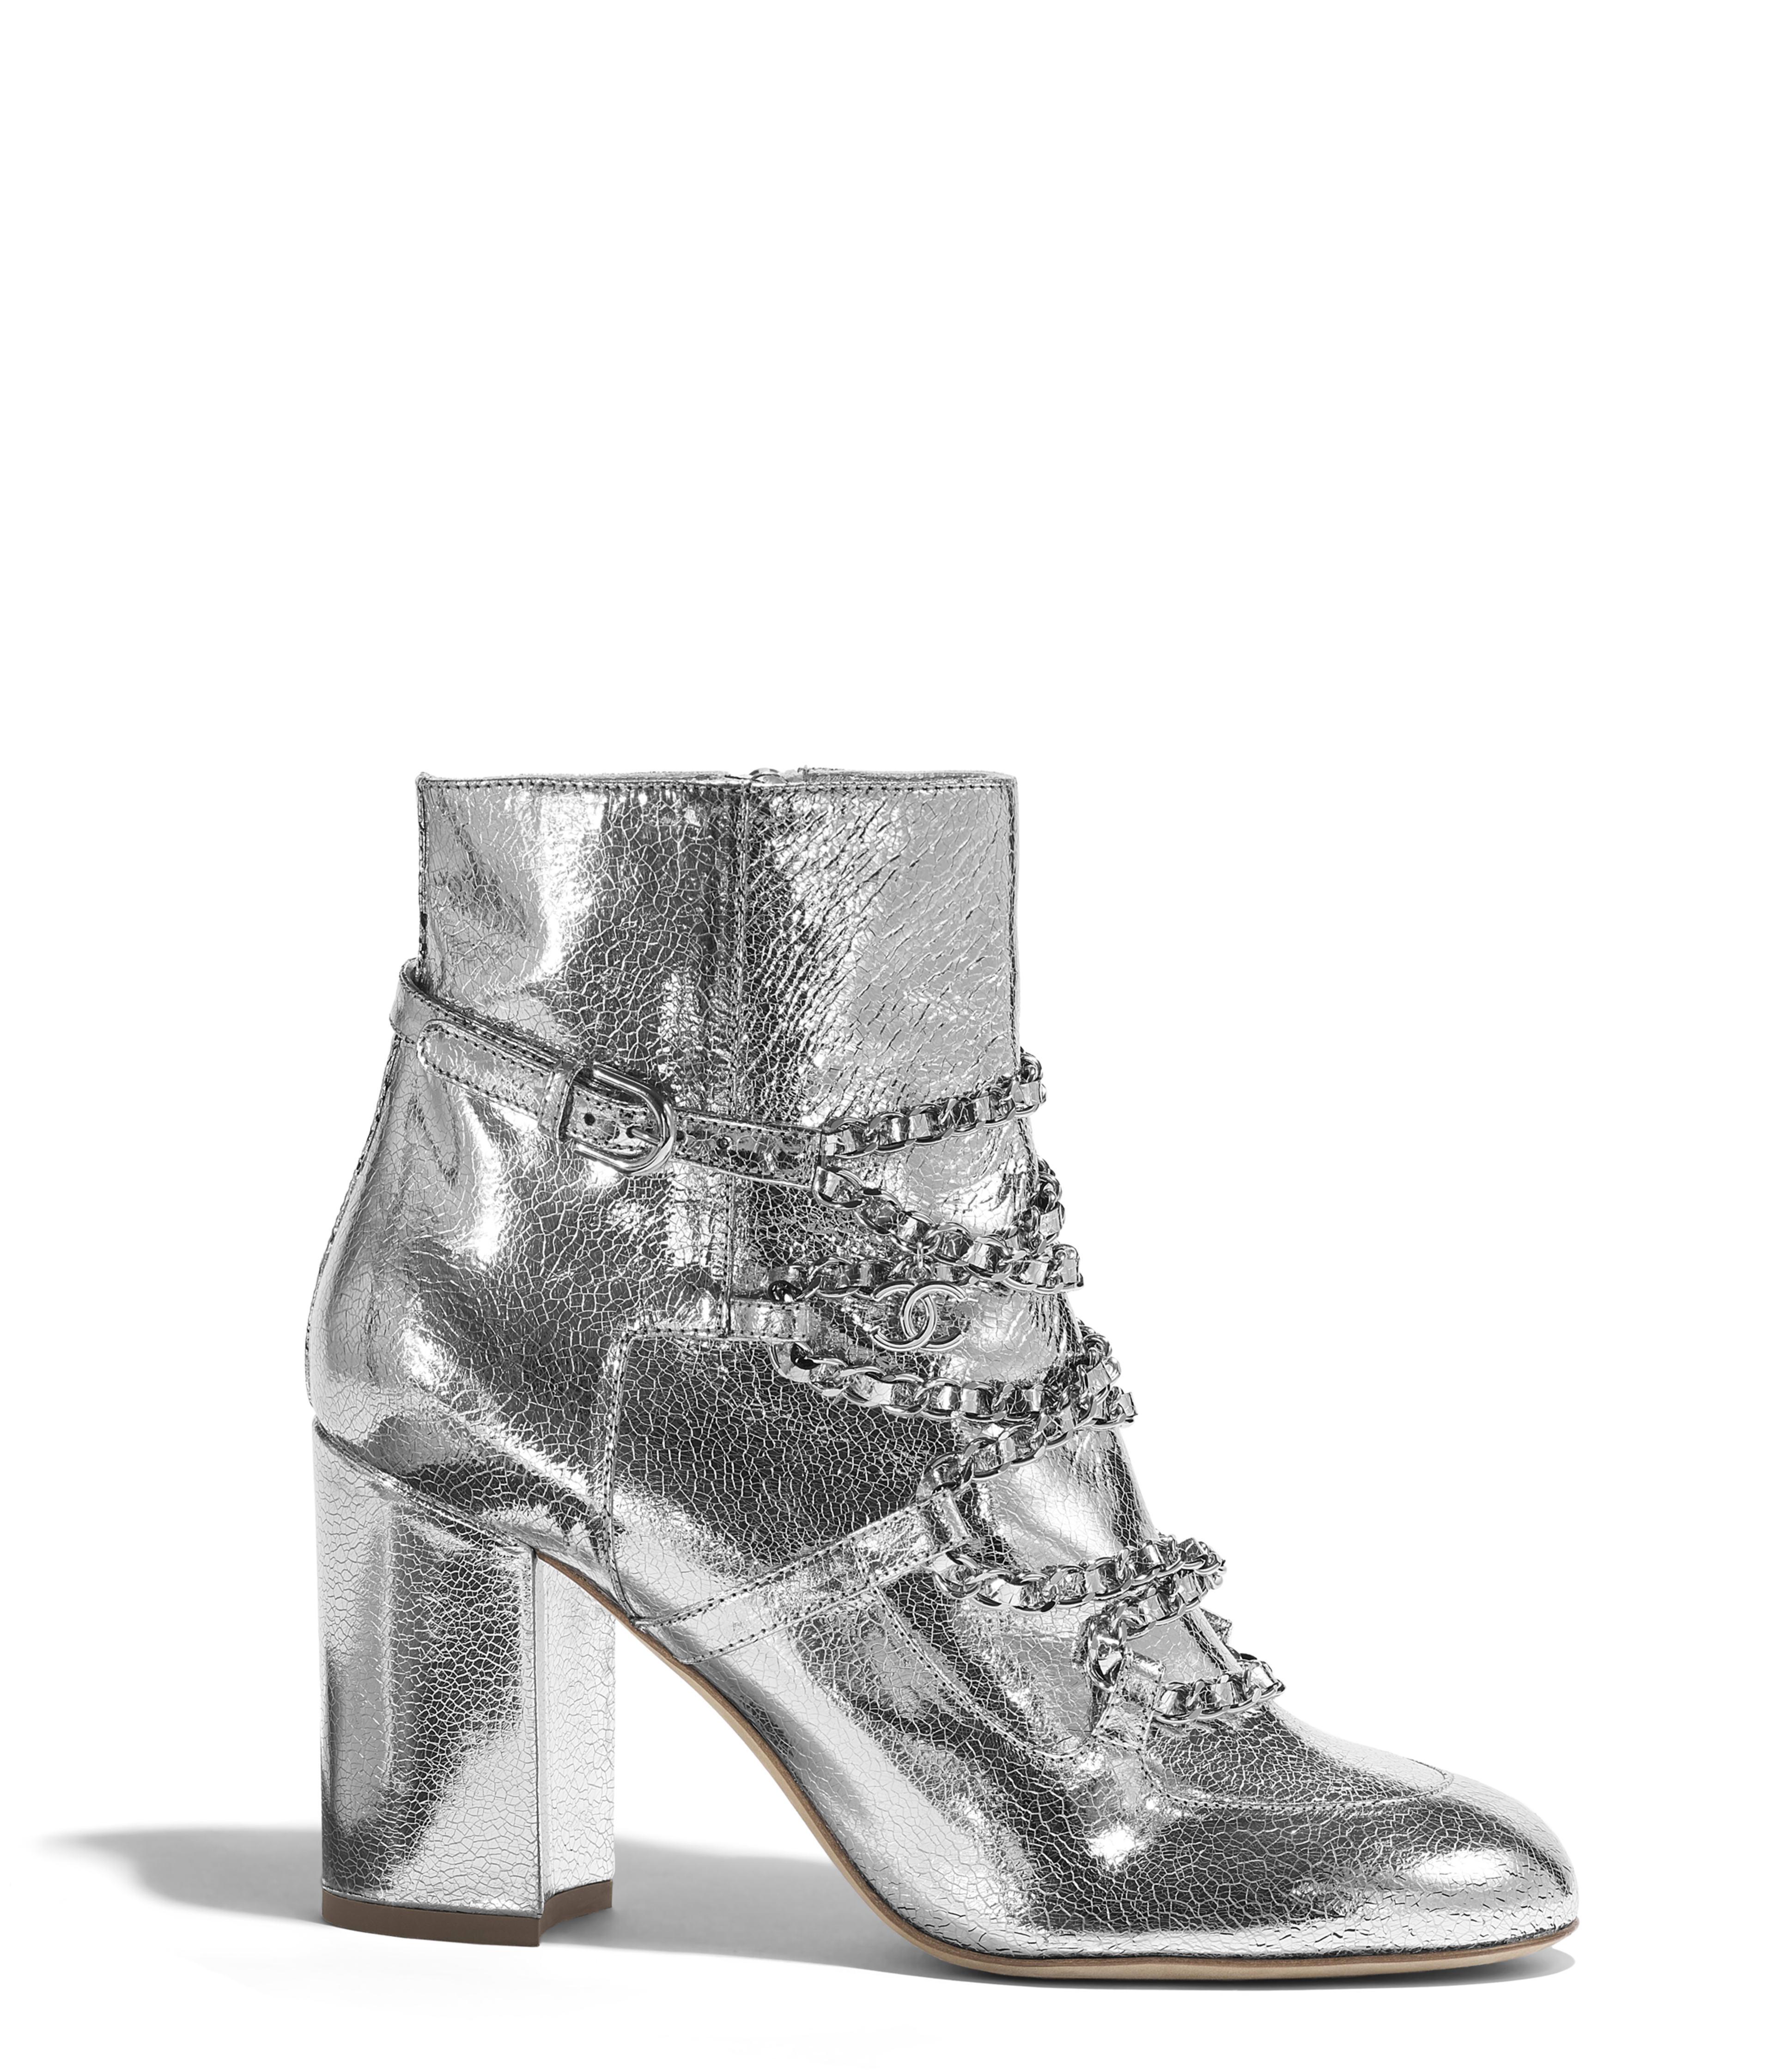 484fda0f7546 Short Boots Laminated Goatskin